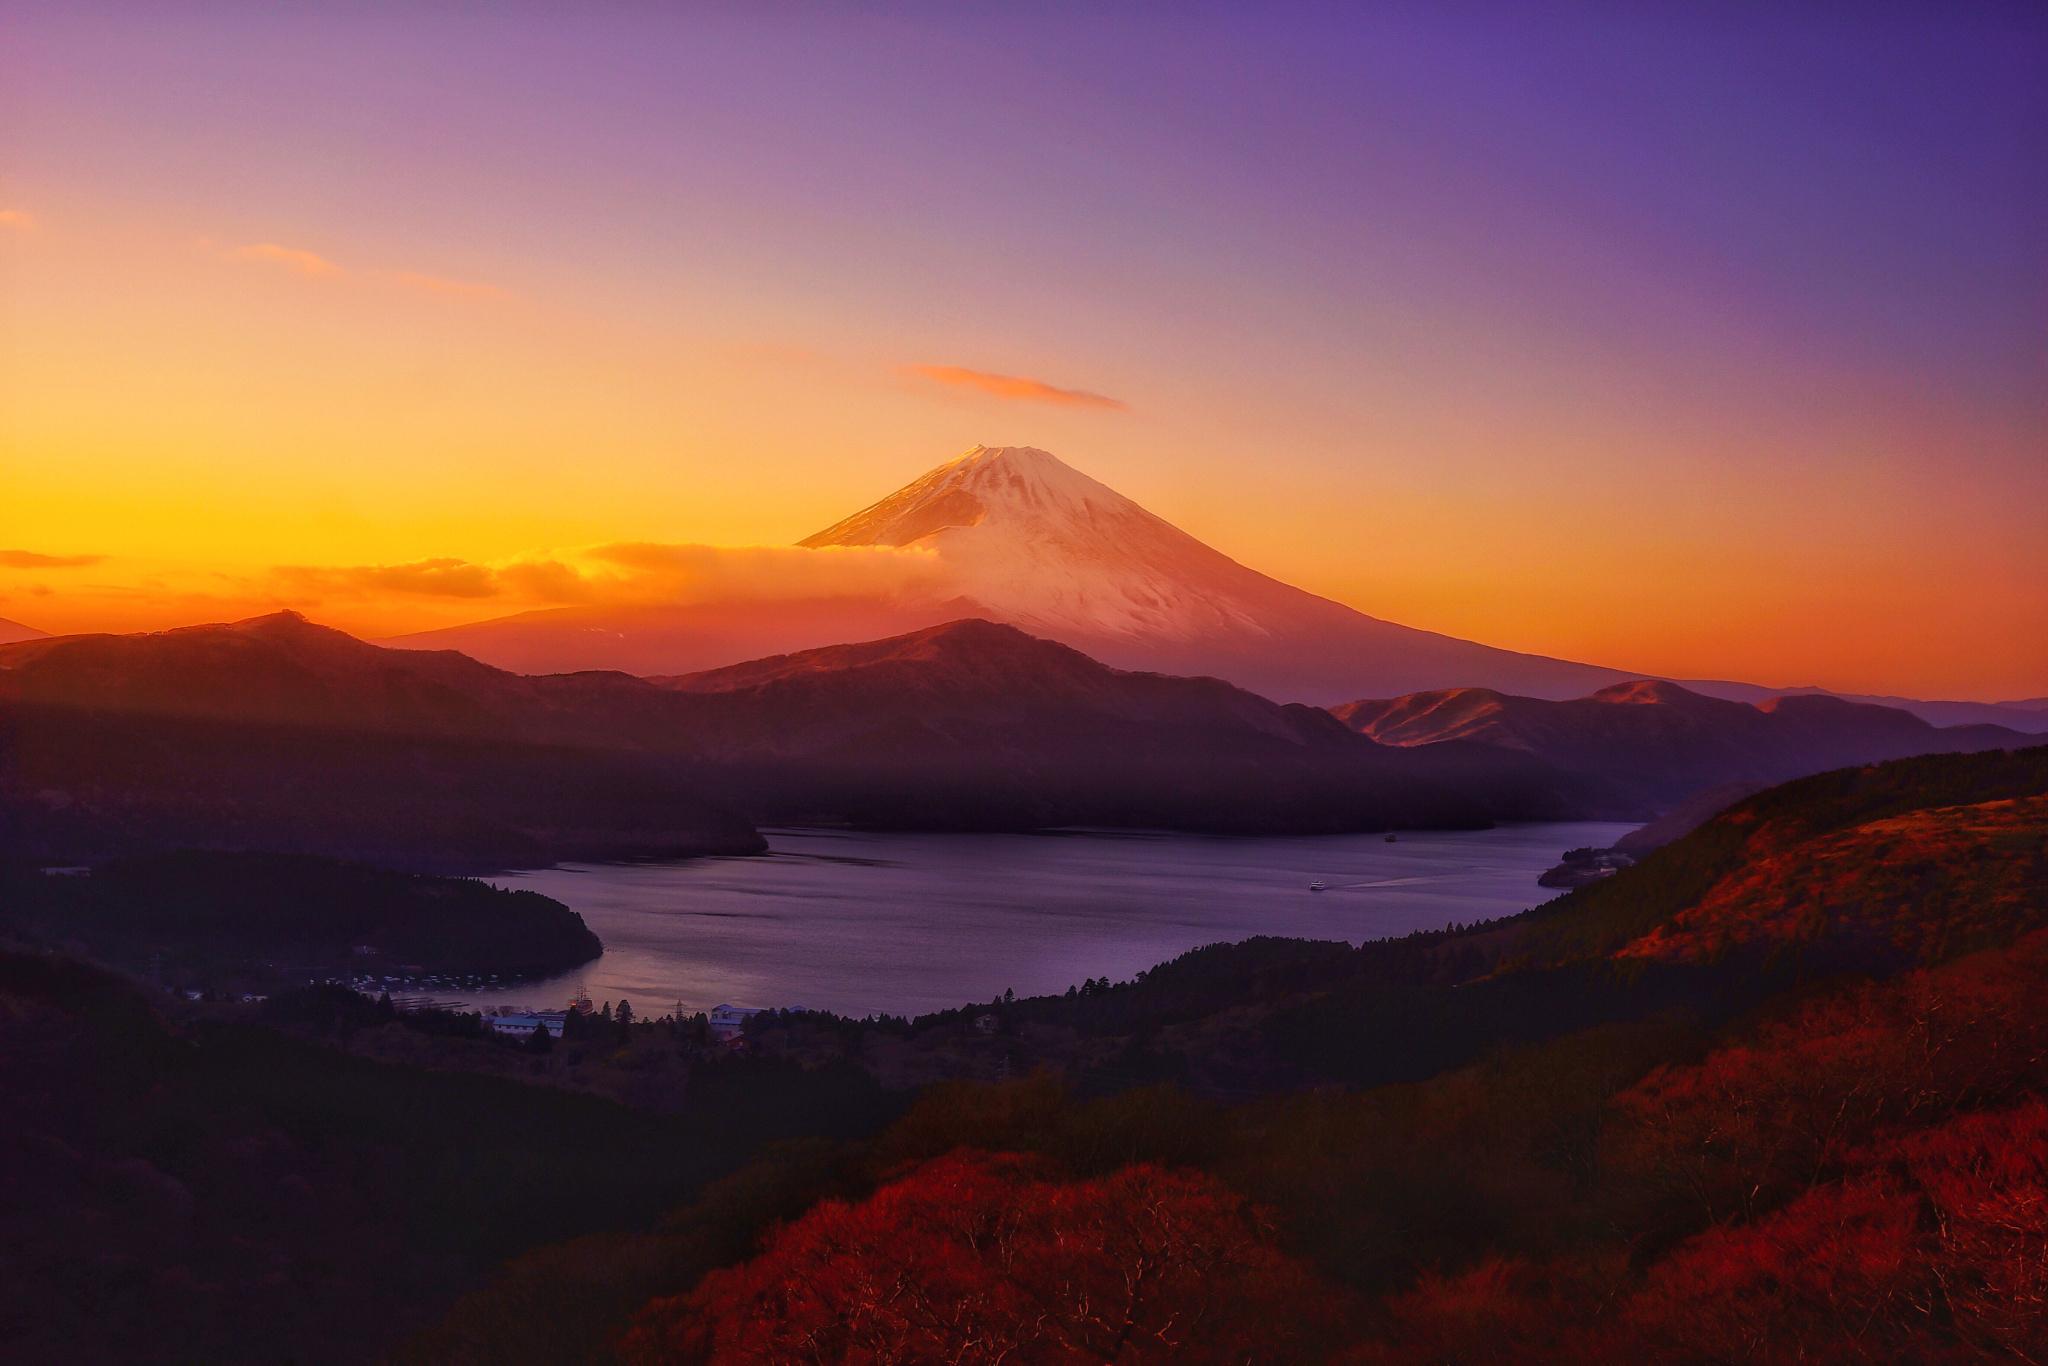 66772 Hintergrundbild herunterladen Natur, Sky, Mountains, Horizont, Dahl, Distanz - Bildschirmschoner und Bilder kostenlos